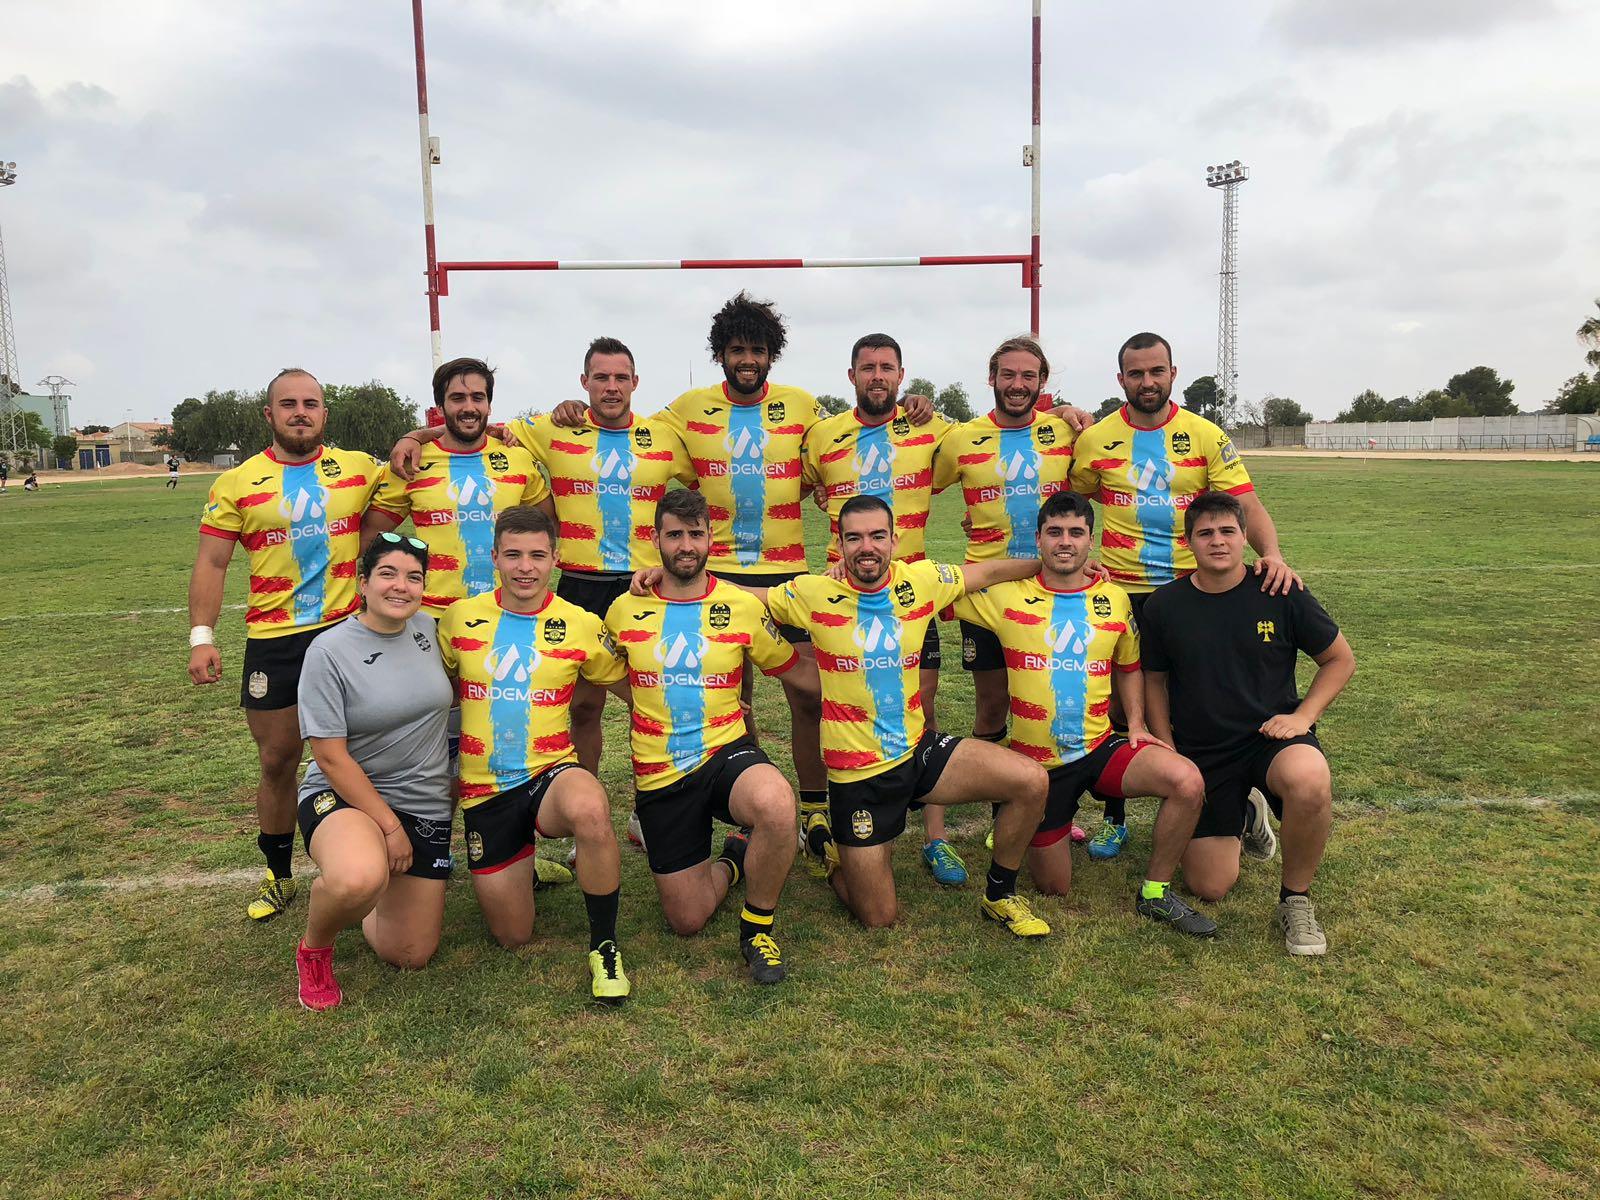 Andemen Tatami Rugby Club campeón del campeonato de rugby 7s de la Comunidad Valenciana